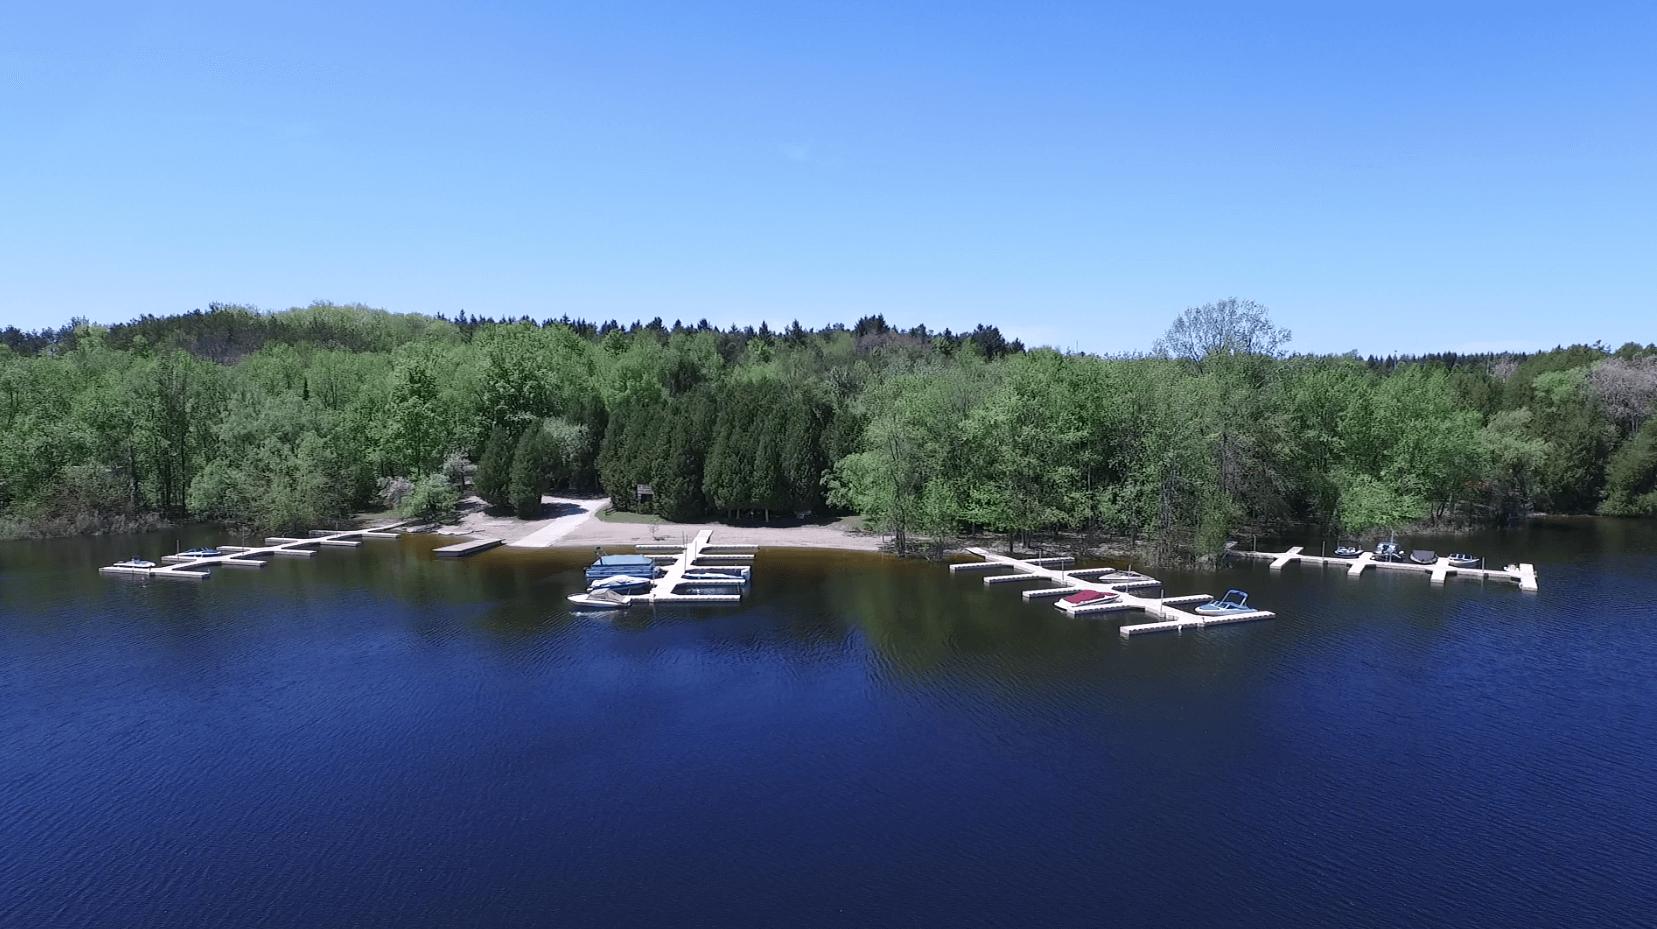 boat docks on water